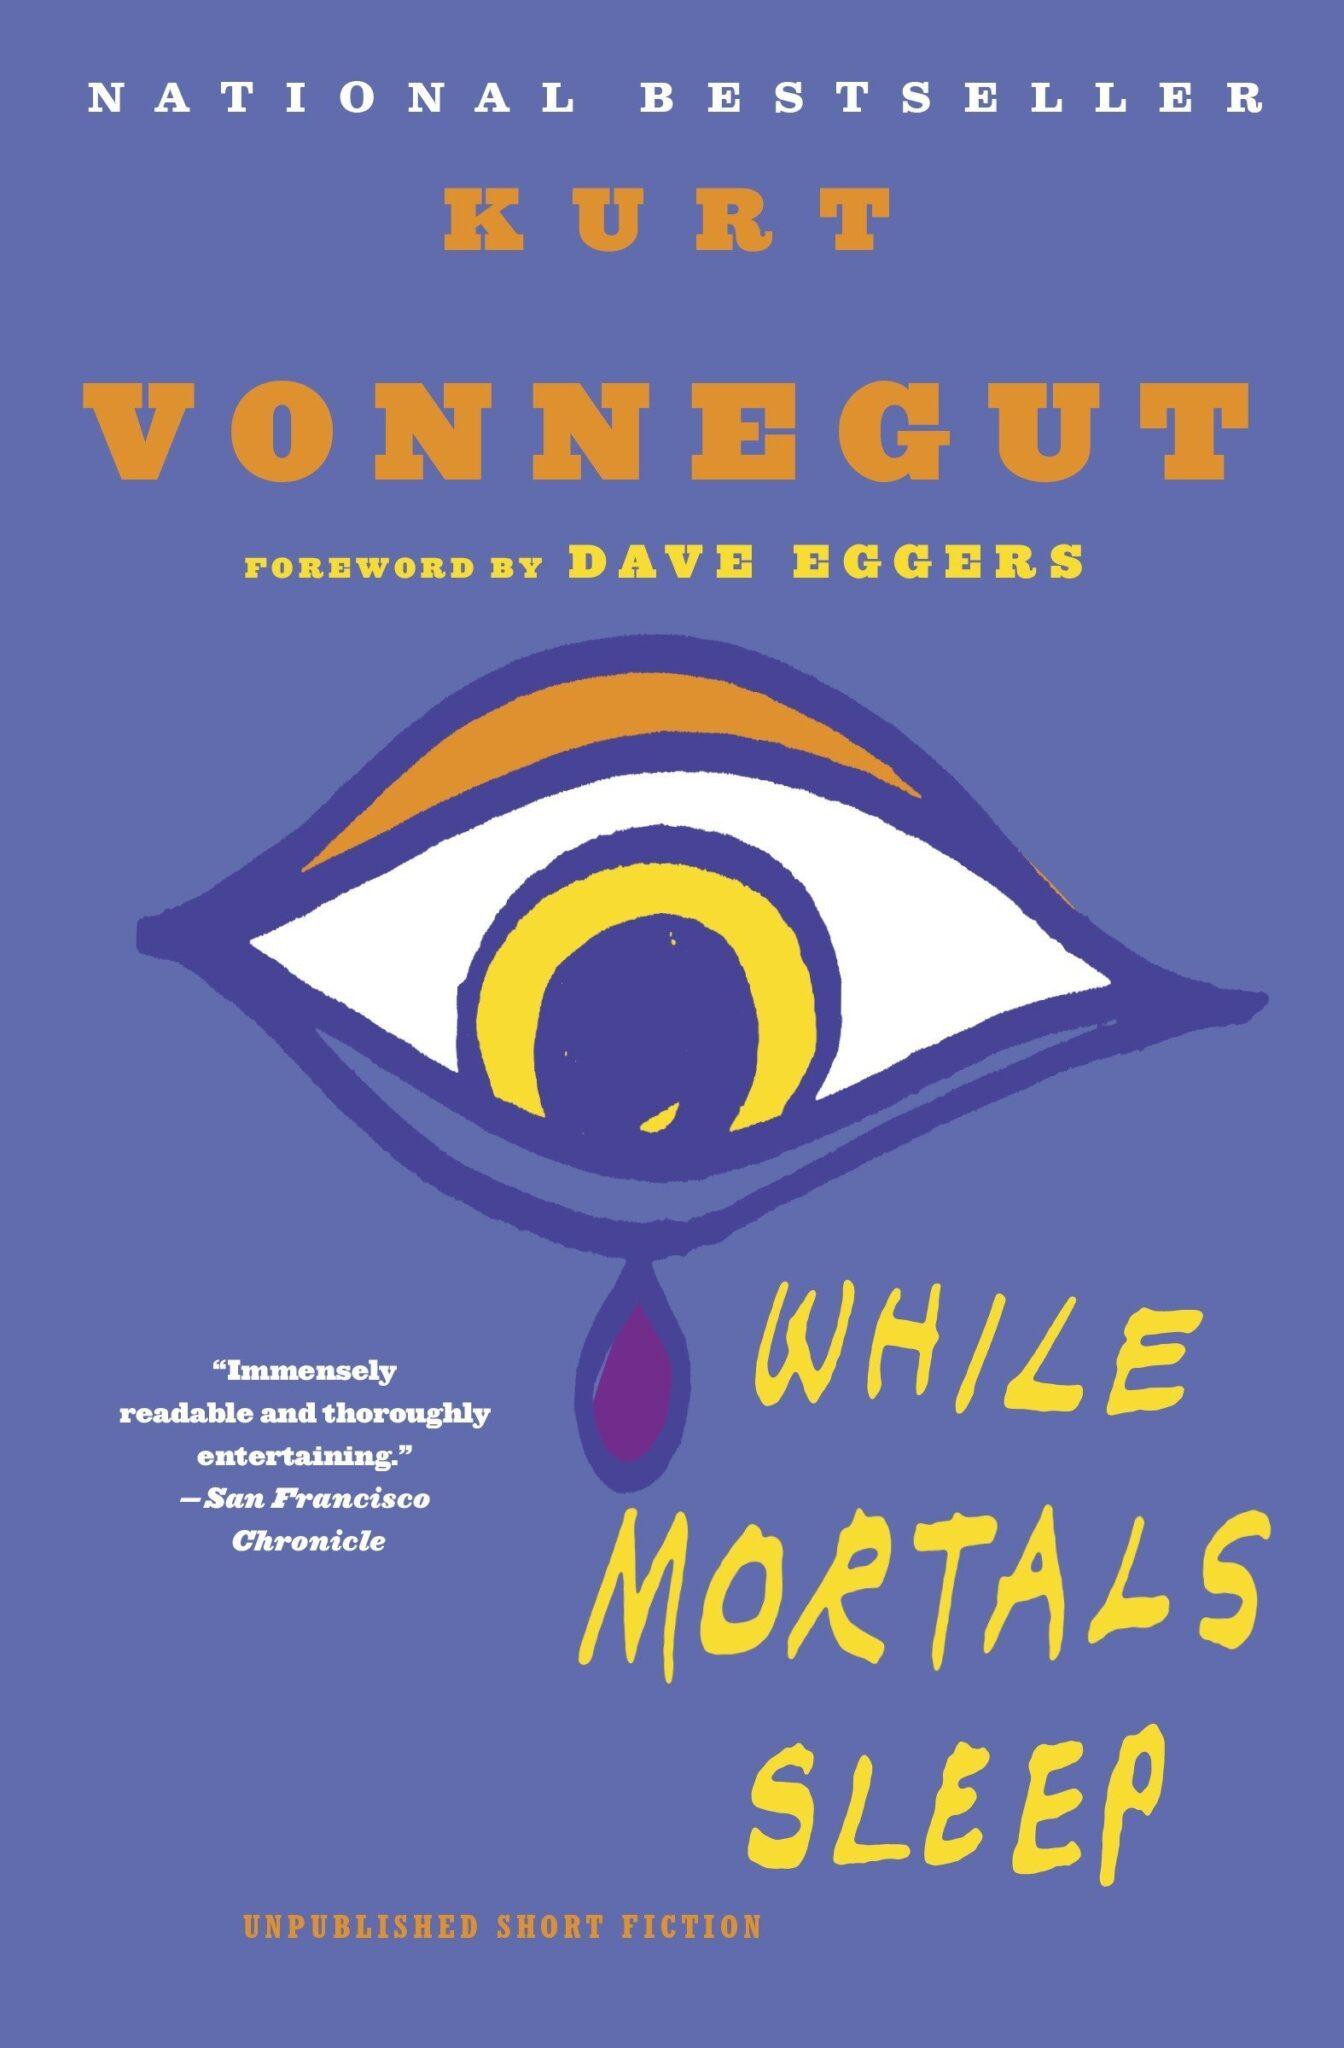 Vonnegut-36-scaled